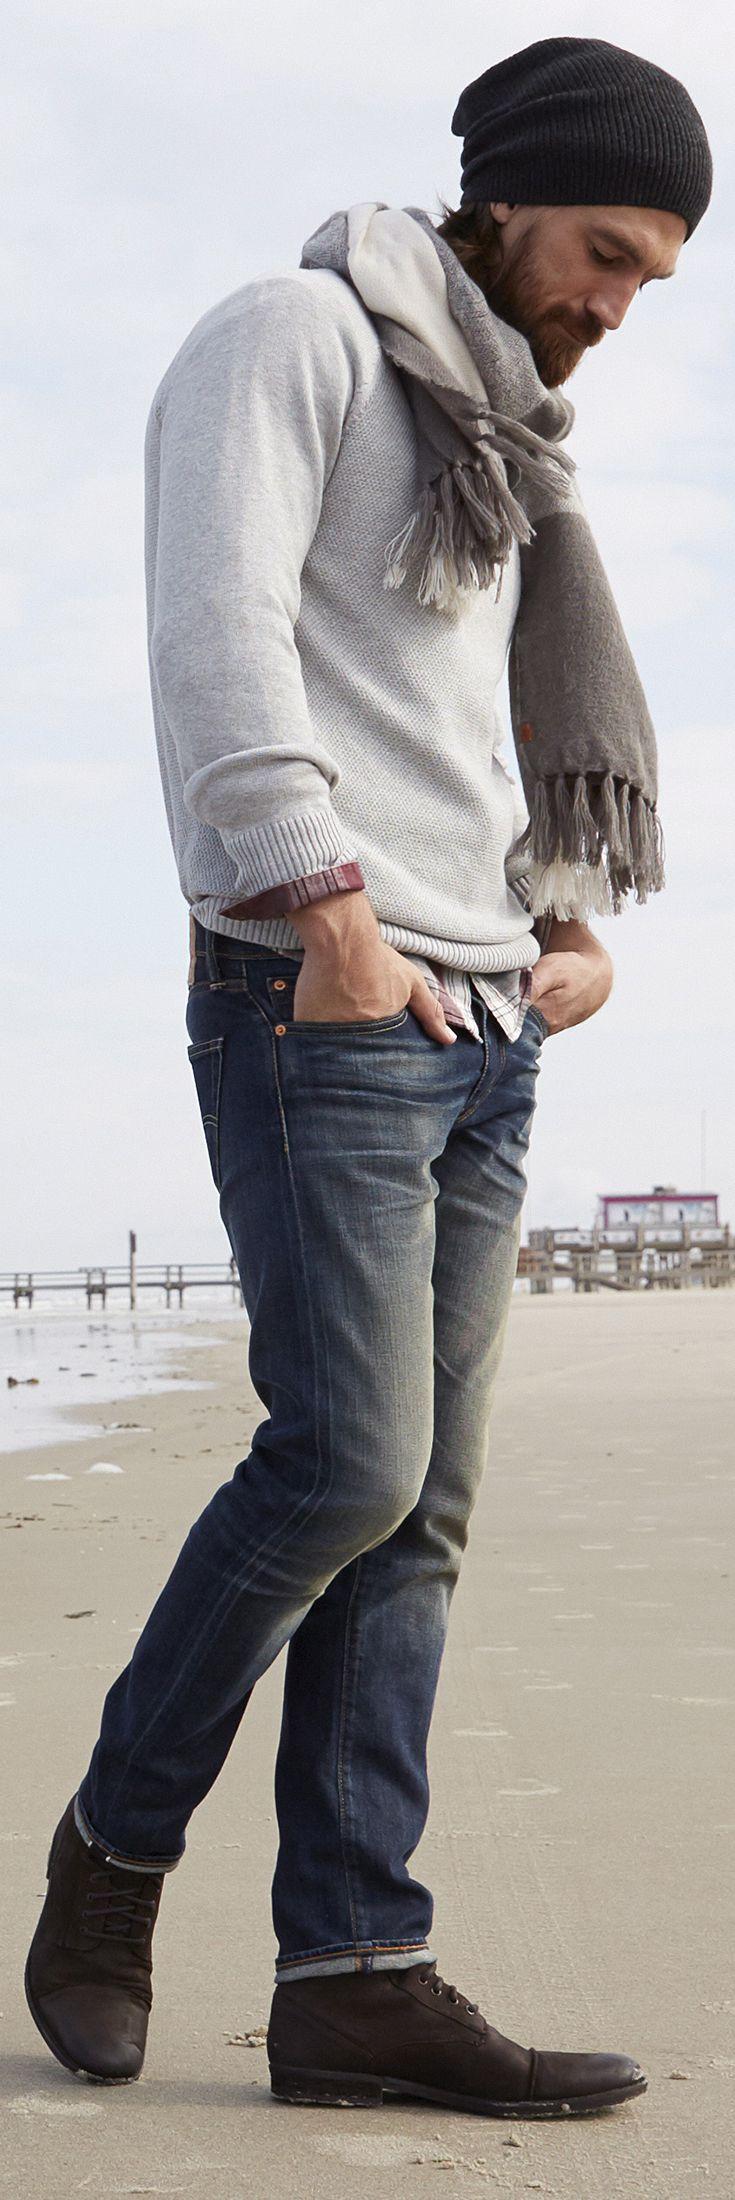 Levi's® – ein Kult für alle Fälle! Seit 1873 begeistert DIE Denim-Marke schlechthin mit beliebten Jeans-Klassikern und innovativer Streetwear für jeden Tag. Lässige, natürliche Basics und stylische Trends finden modebewusste Männer natürlich auch in der aktuellen Herbst und Winterkollektion. Unser Tipp: Gleich mal reinschauen! #fallnature